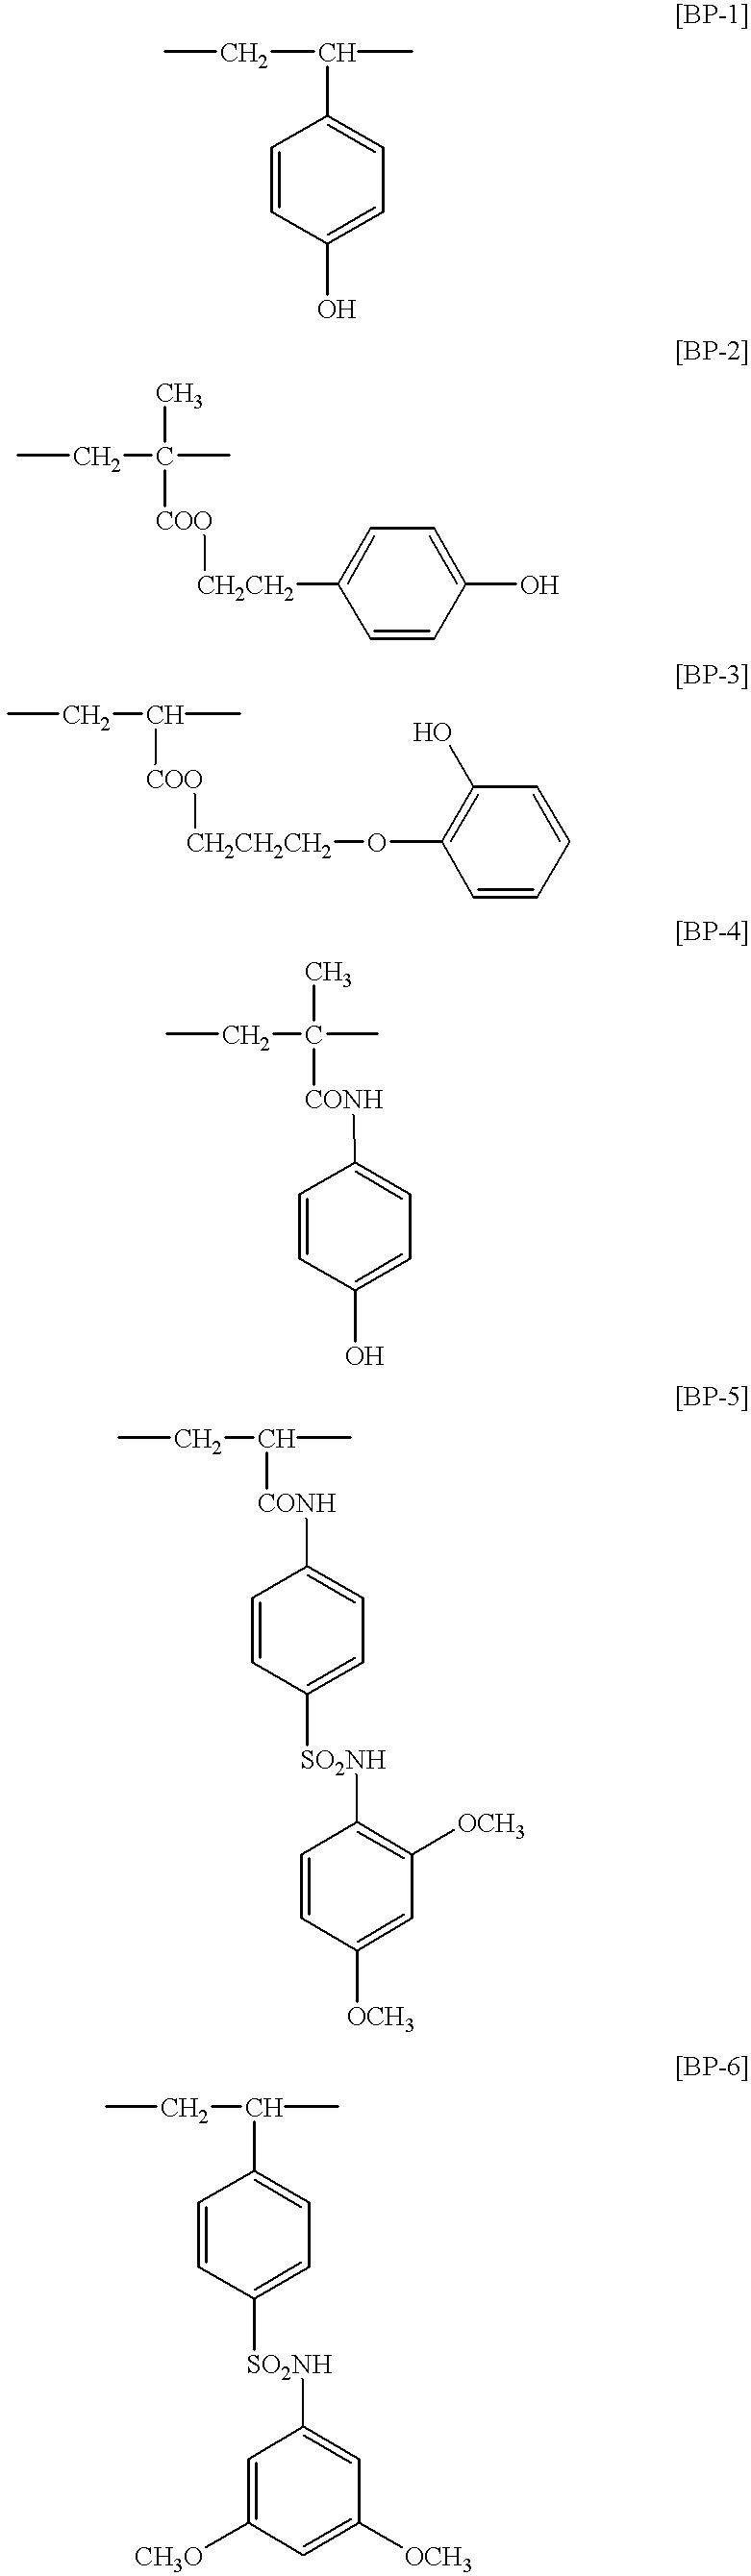 Figure US20010009129A1-20010726-C00040